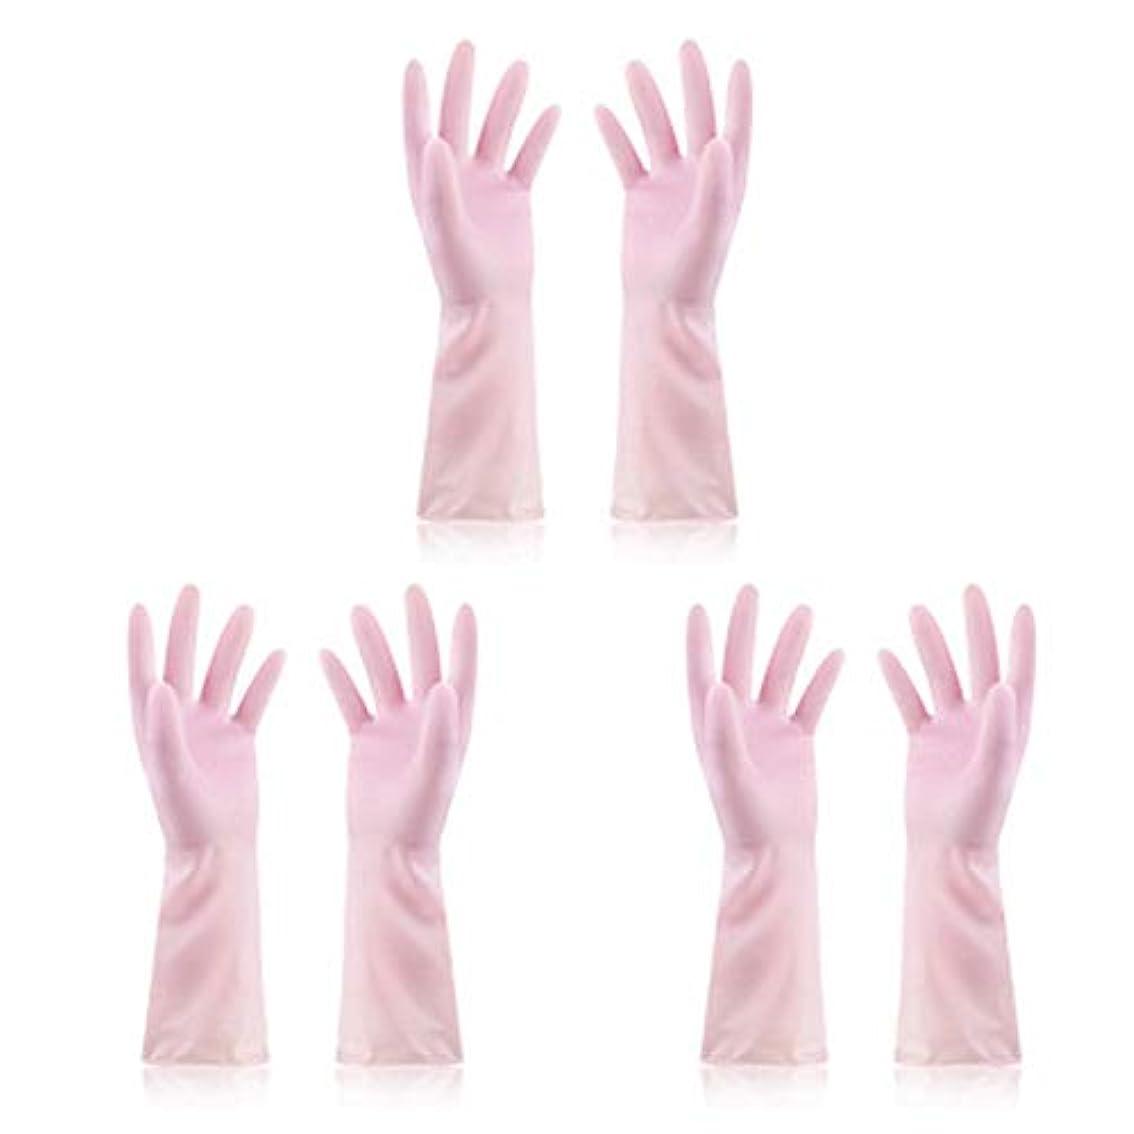 ニトリルゴム手袋 使い捨て手袋防水ラテックス焦げ付き防止ゴム製ゴム製台所手袋、3組 使い捨て手袋 (Color : Pink, Size : M)